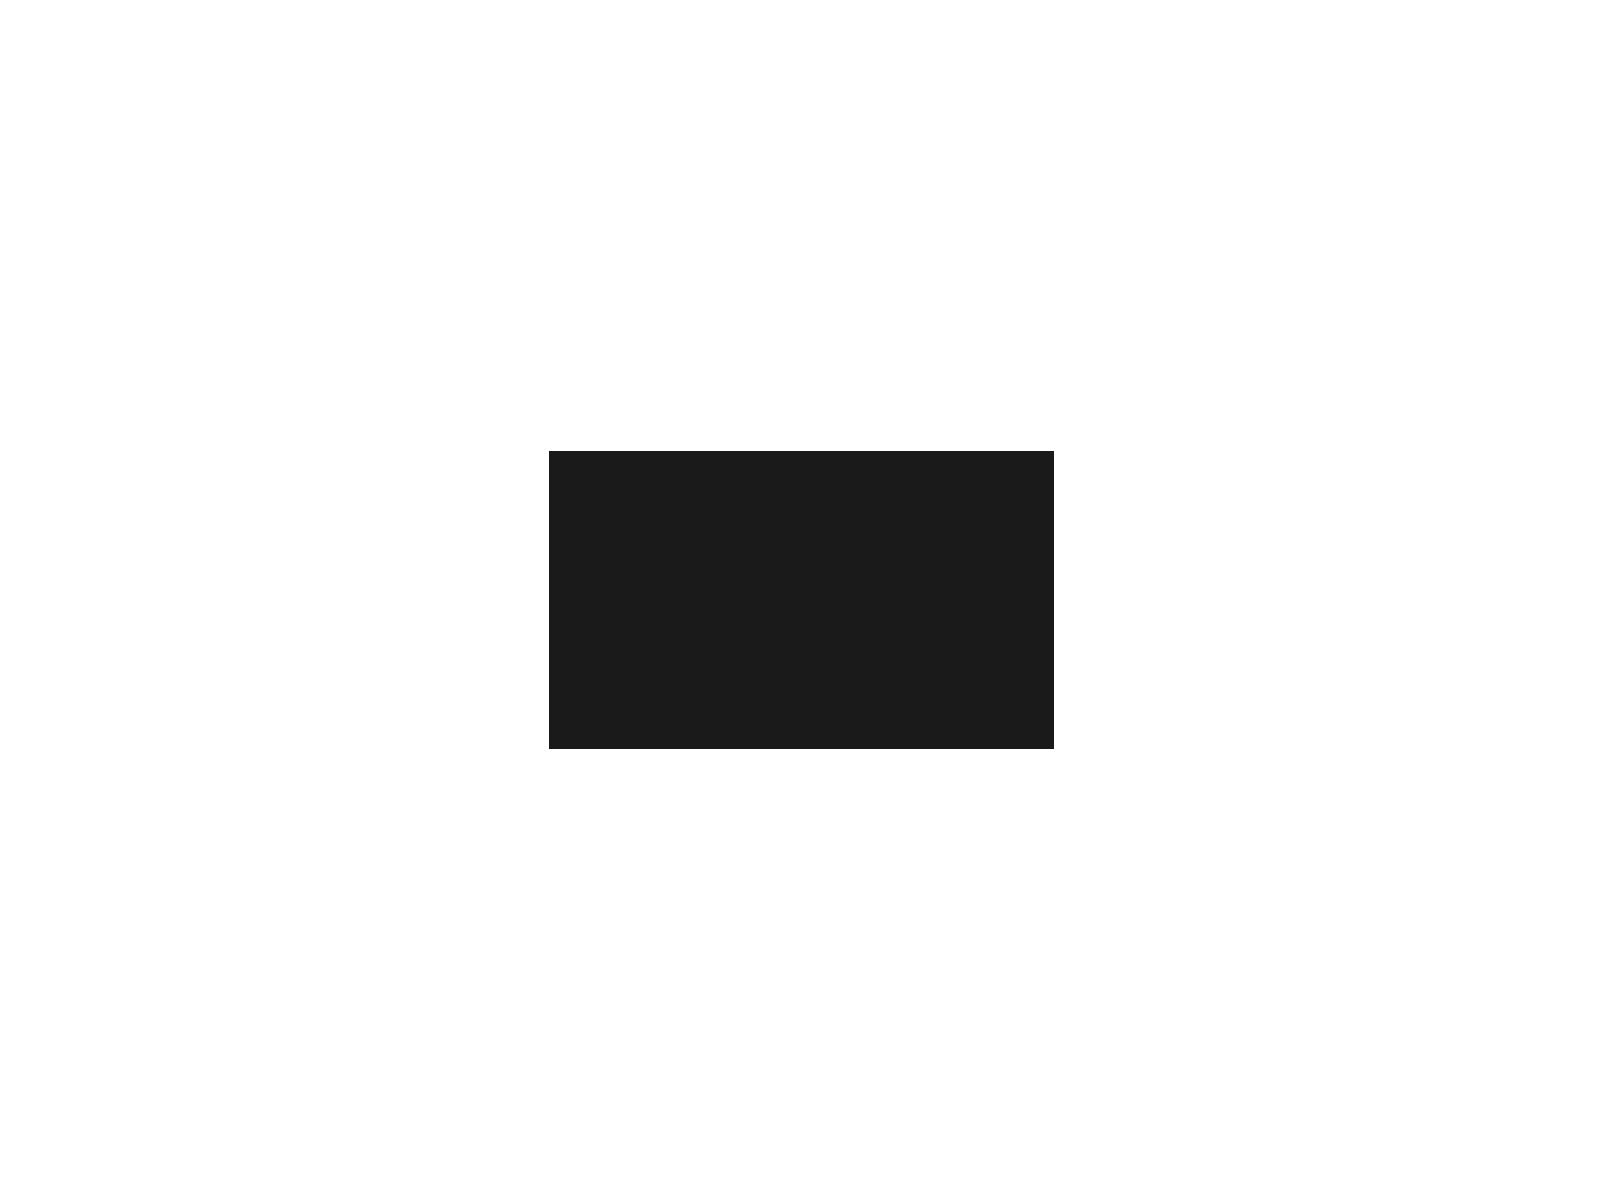 200325_logo_0001_The-Gabriel-Trust